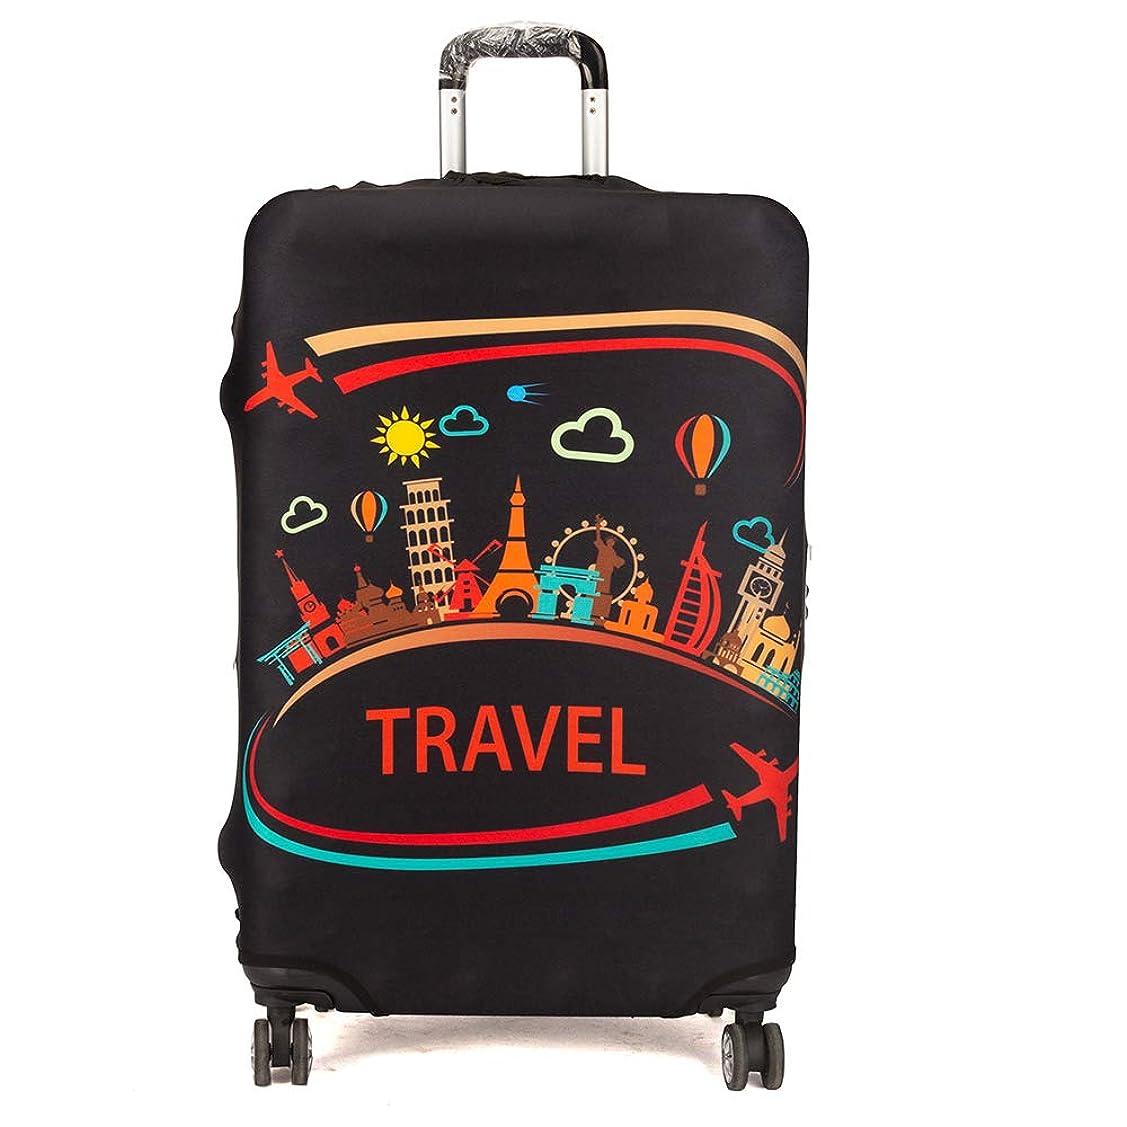 メディア絵裁量Maddy's Home スーツケースカバー 伸縮素材 保護 盗難防止 防塵 パンダ 海馬 動物柄